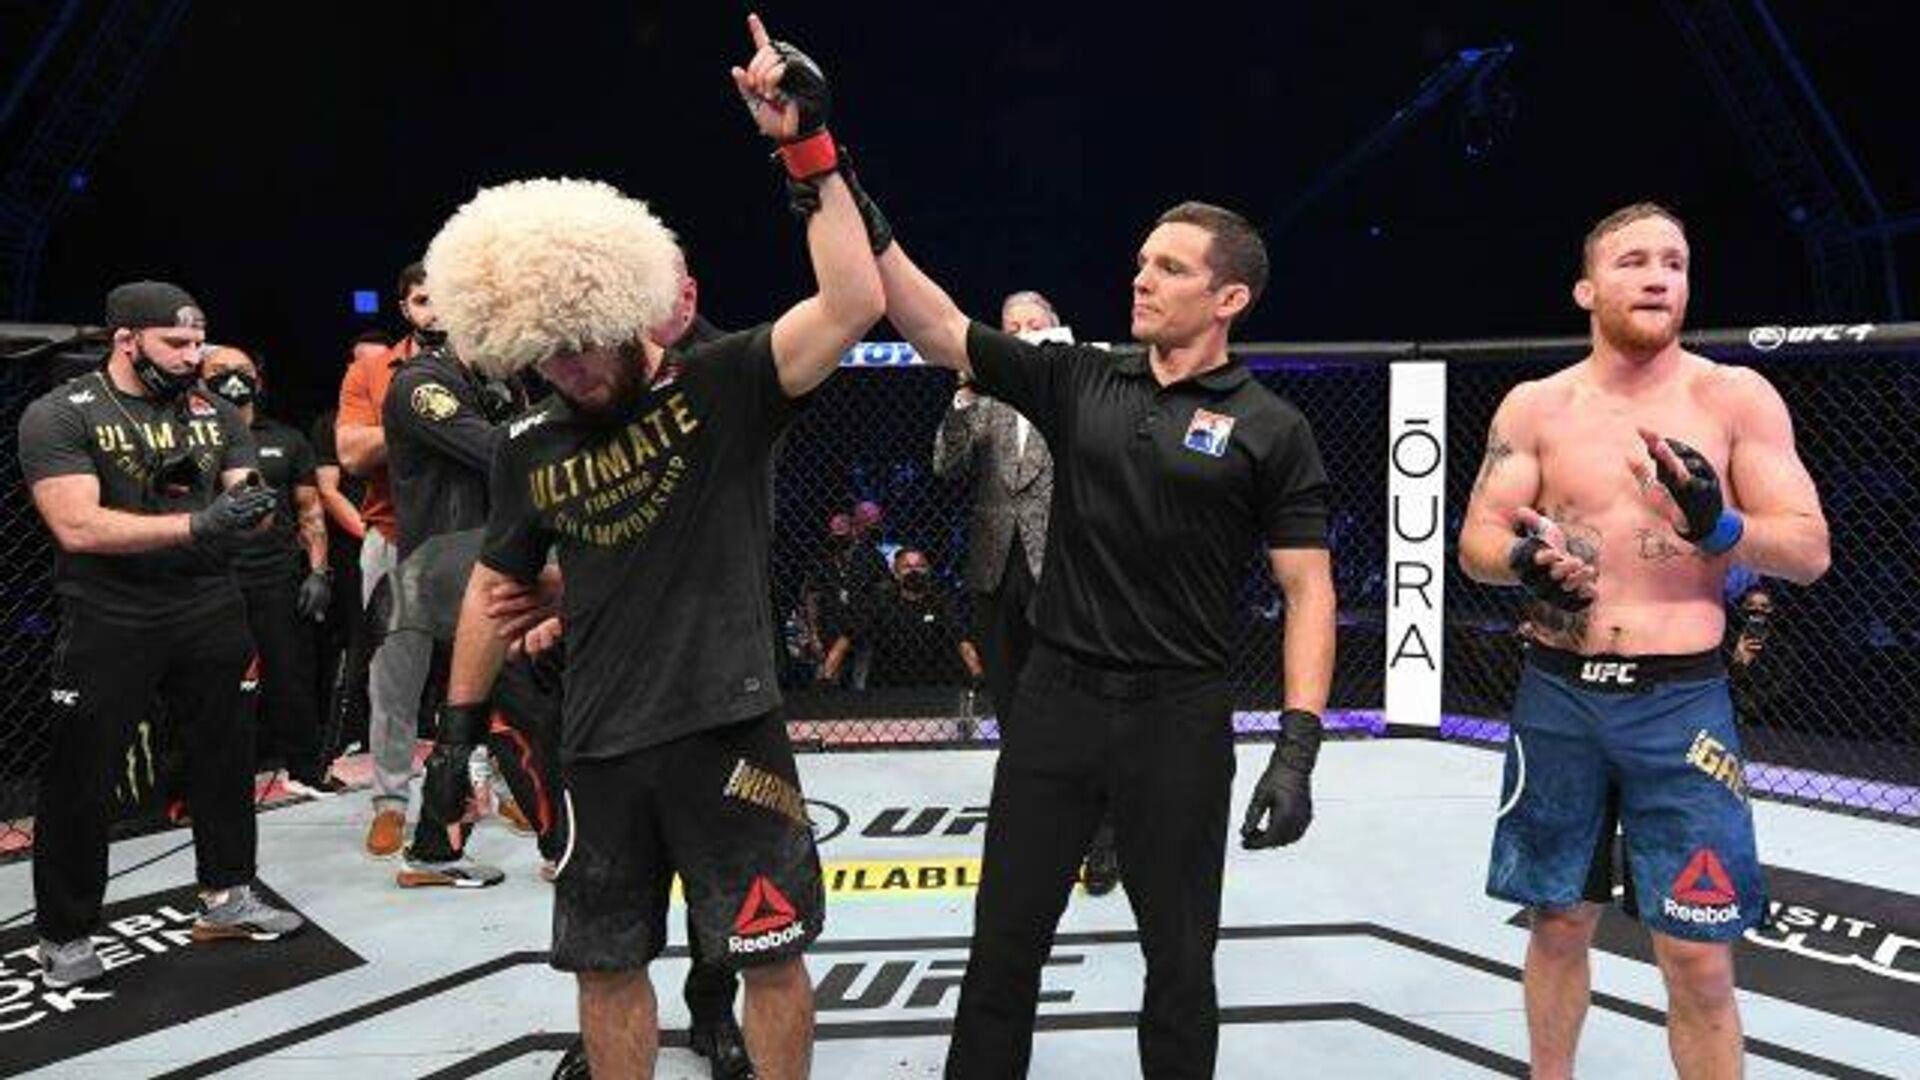 Хабиб Нурмагомедов защитил титул чемпиона UFC и ушел из большого спорта - РИА Новости, 1920, 26.10.2020